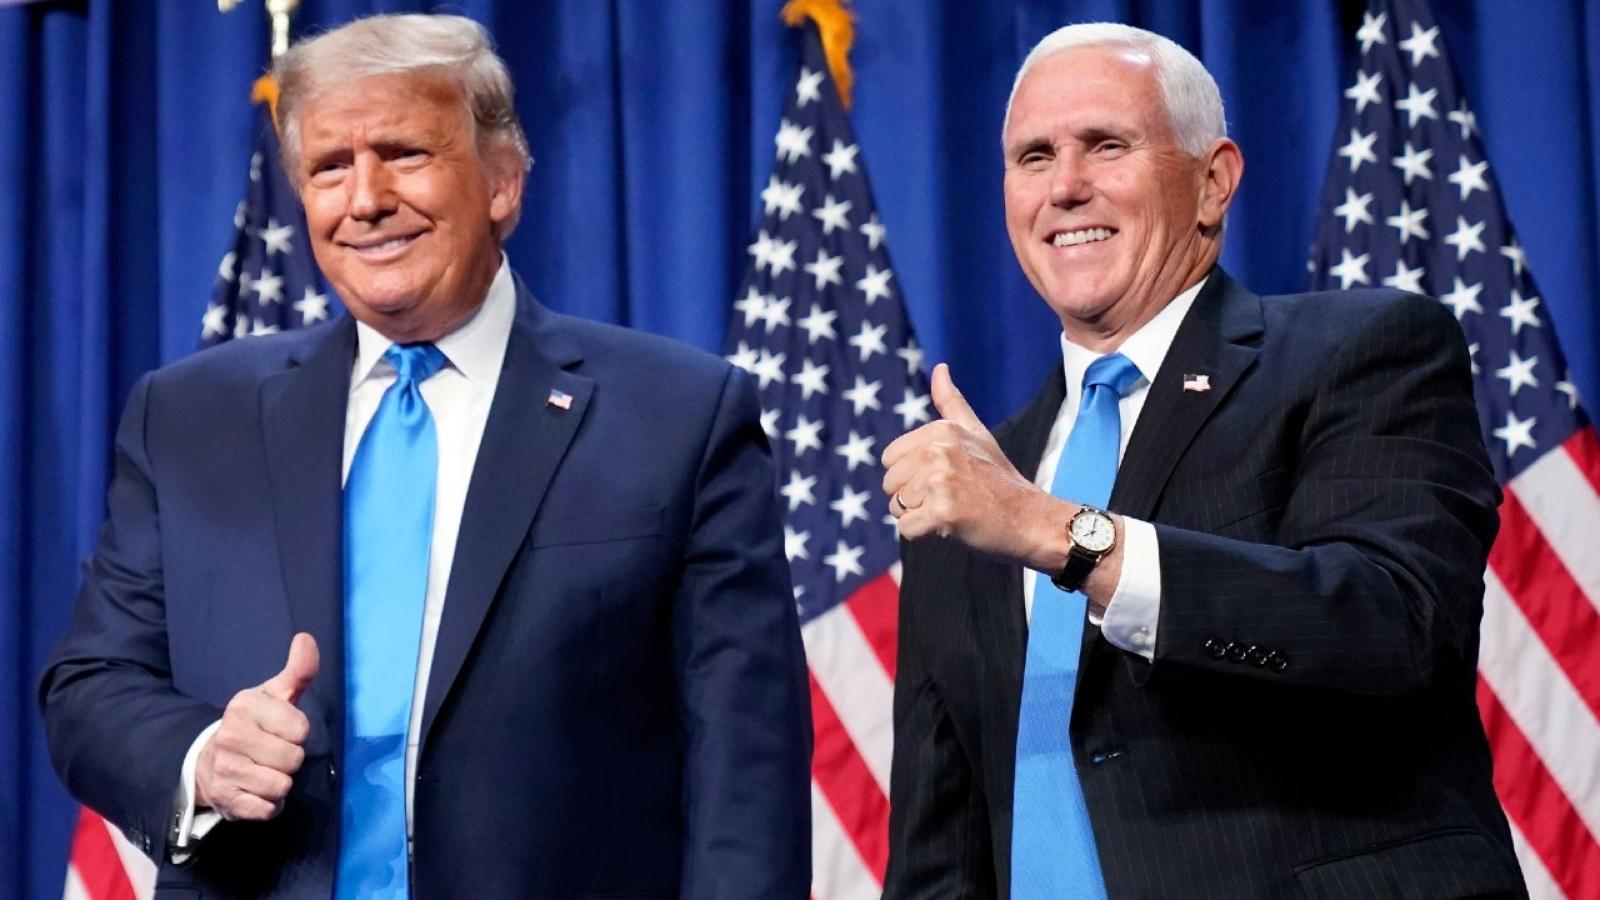 Vụ kiện buộc Mike Pence phải chọn bên trong nỗ lực đảo ngược kết quả bầu cử